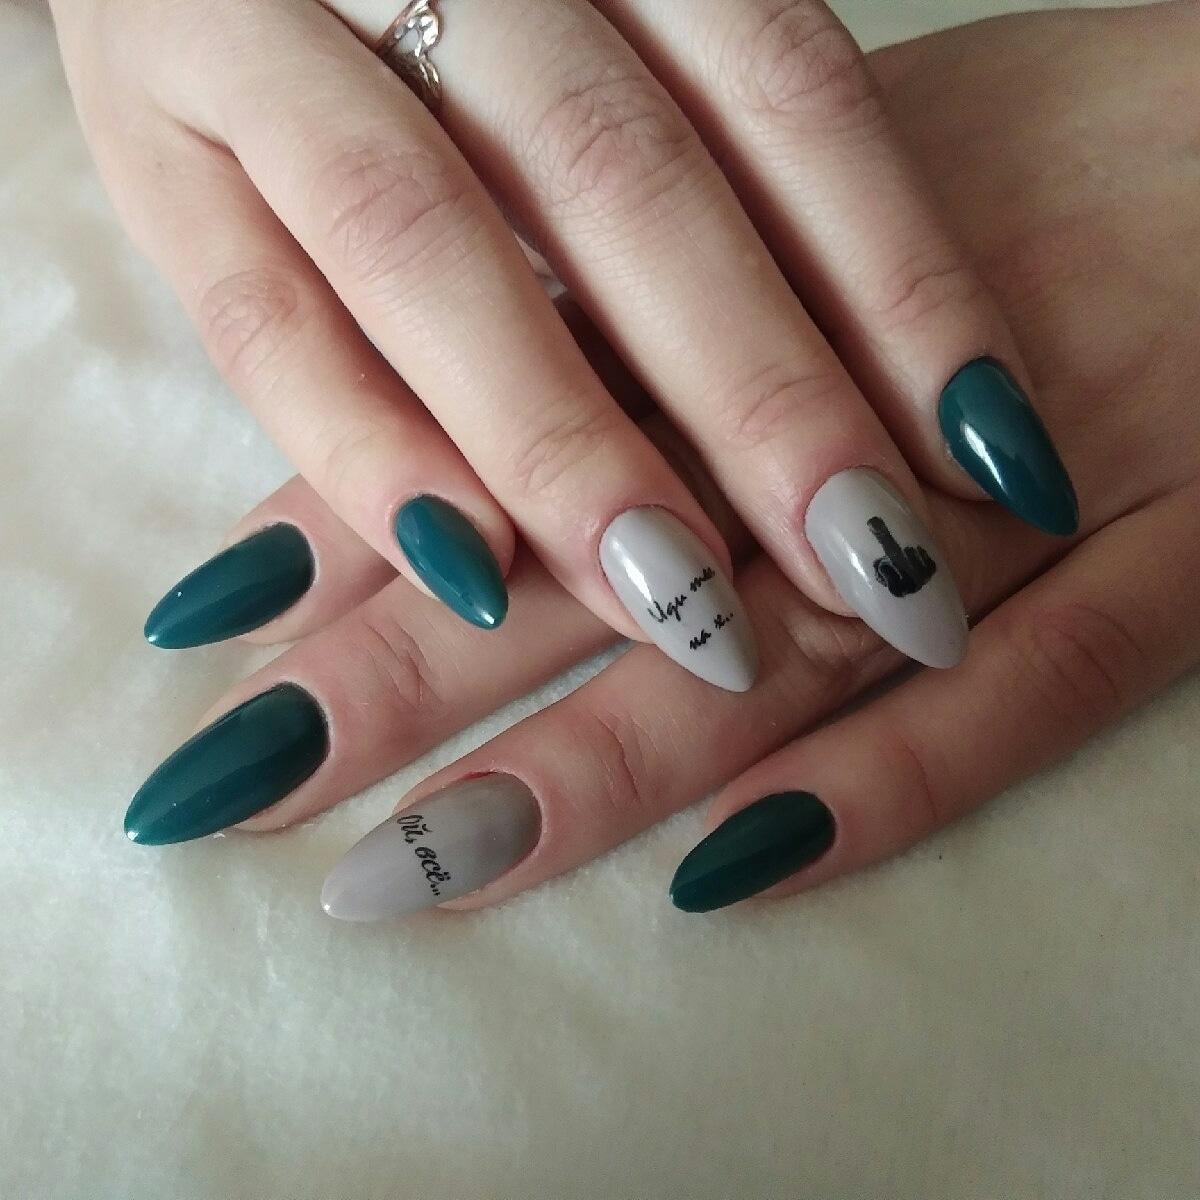 Маникюр в тёмно-зелёном цвете с серым дизайном и надписями.